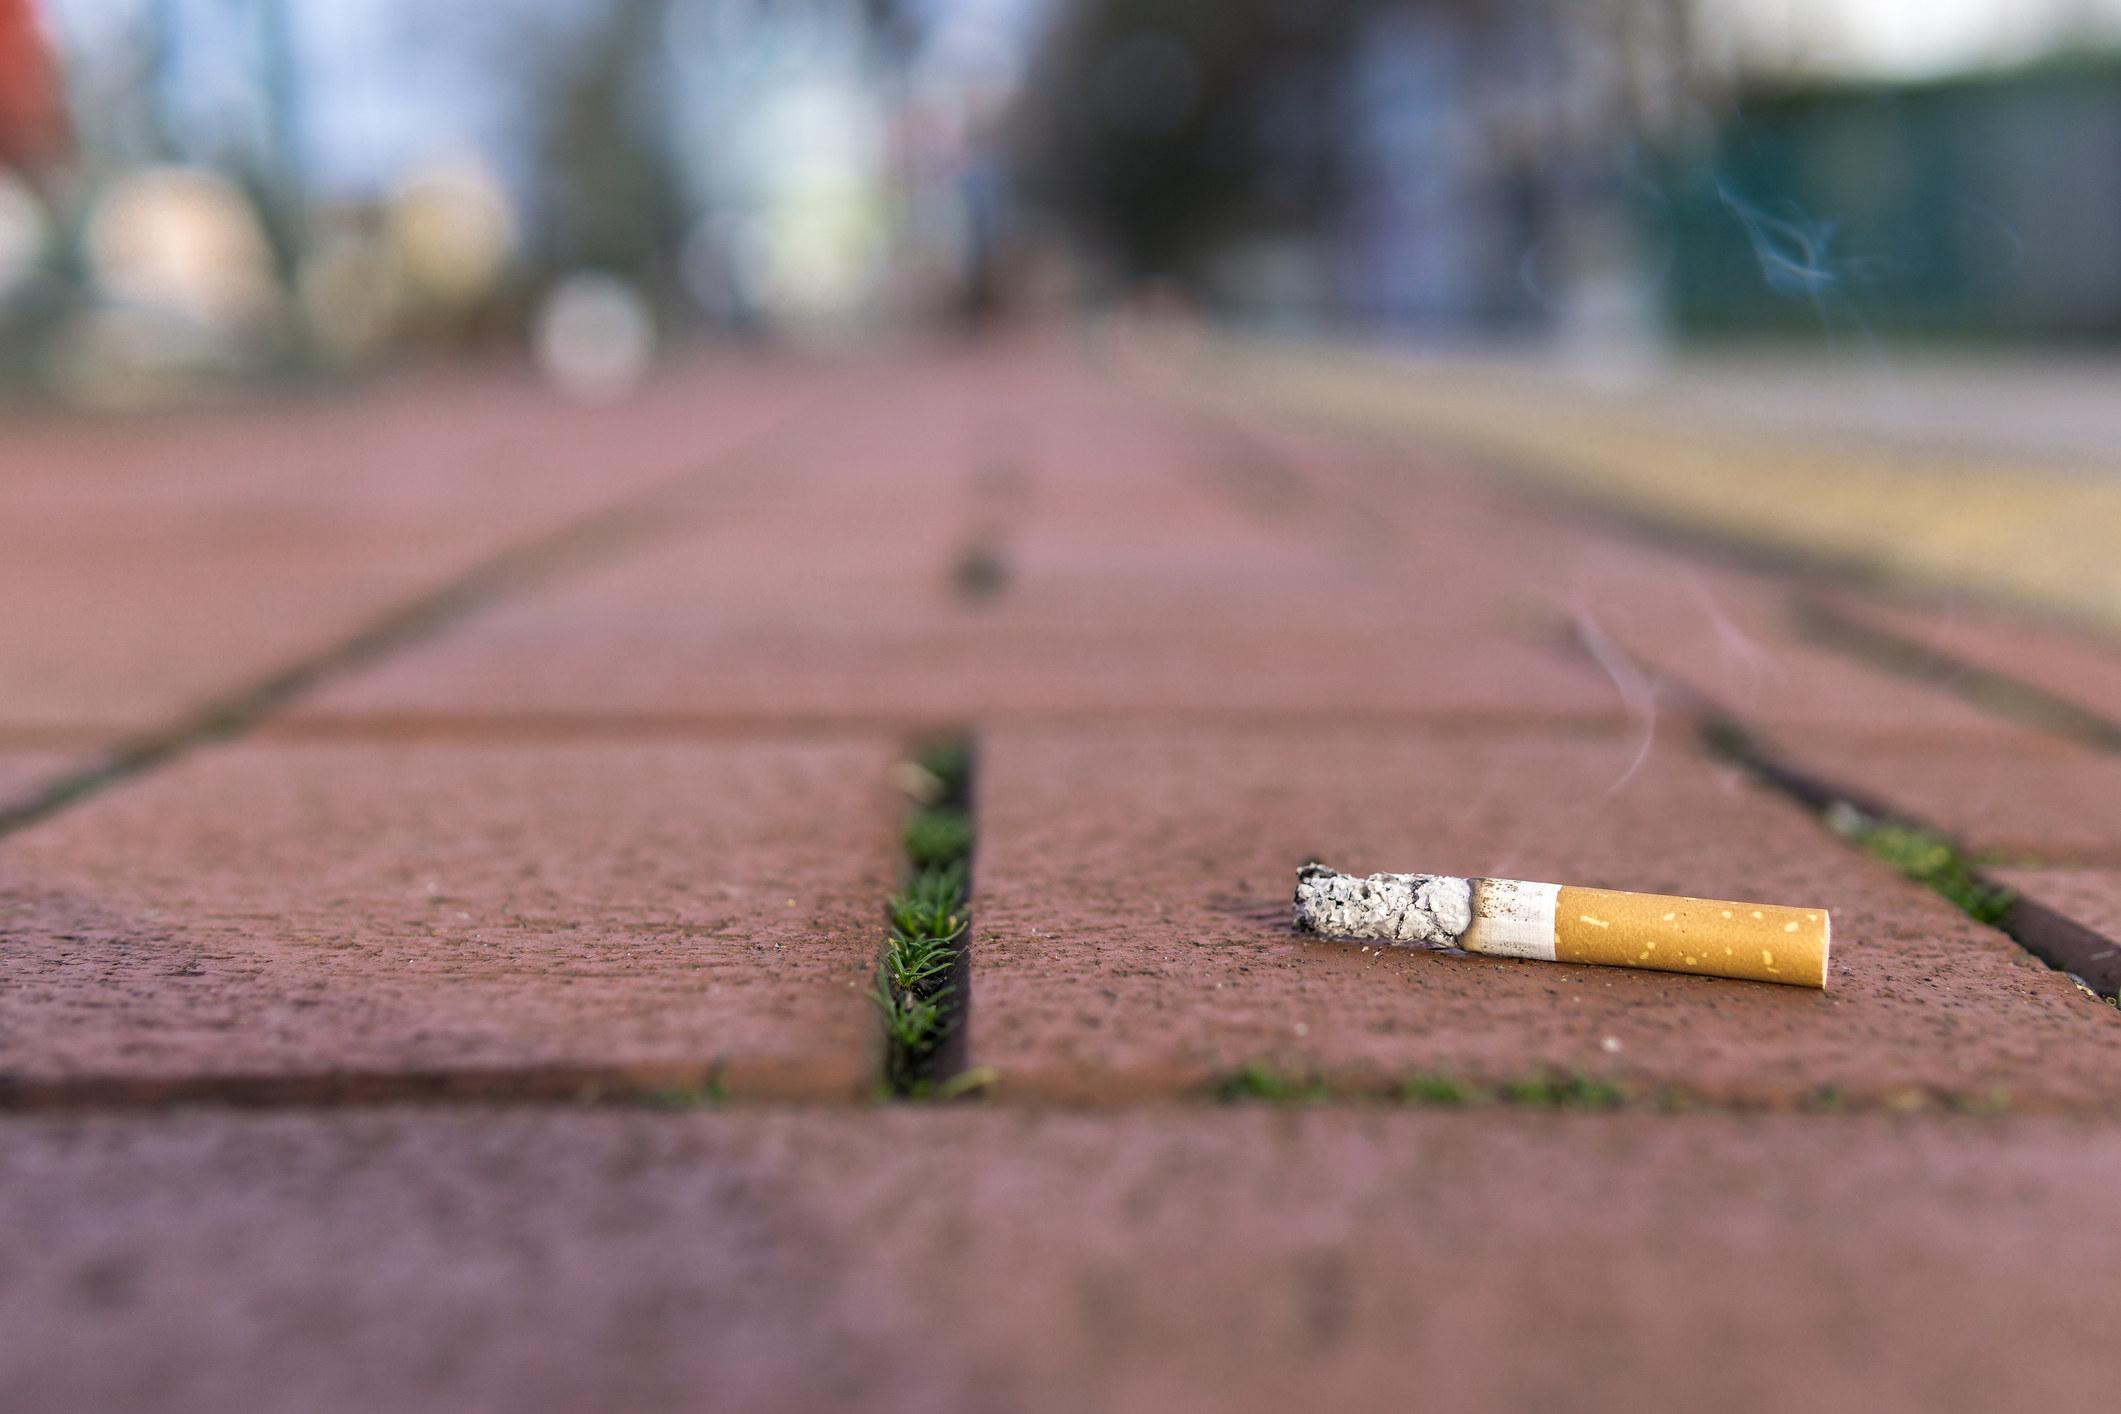 Used cigarette on the floor